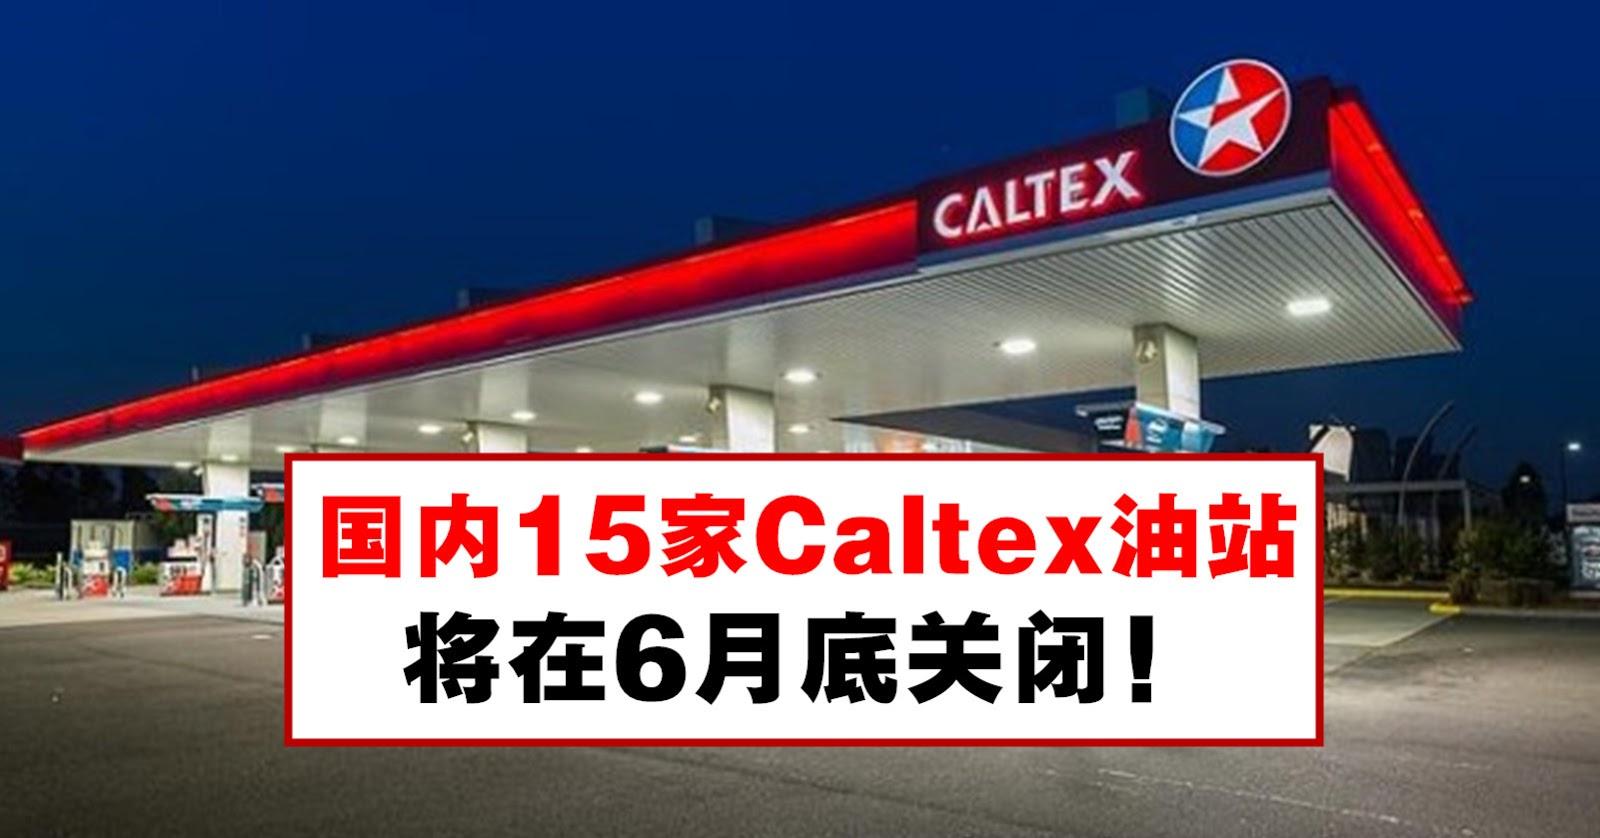 國內15家 Caltex 油站將在6月底關閉! - WINRAYLAND